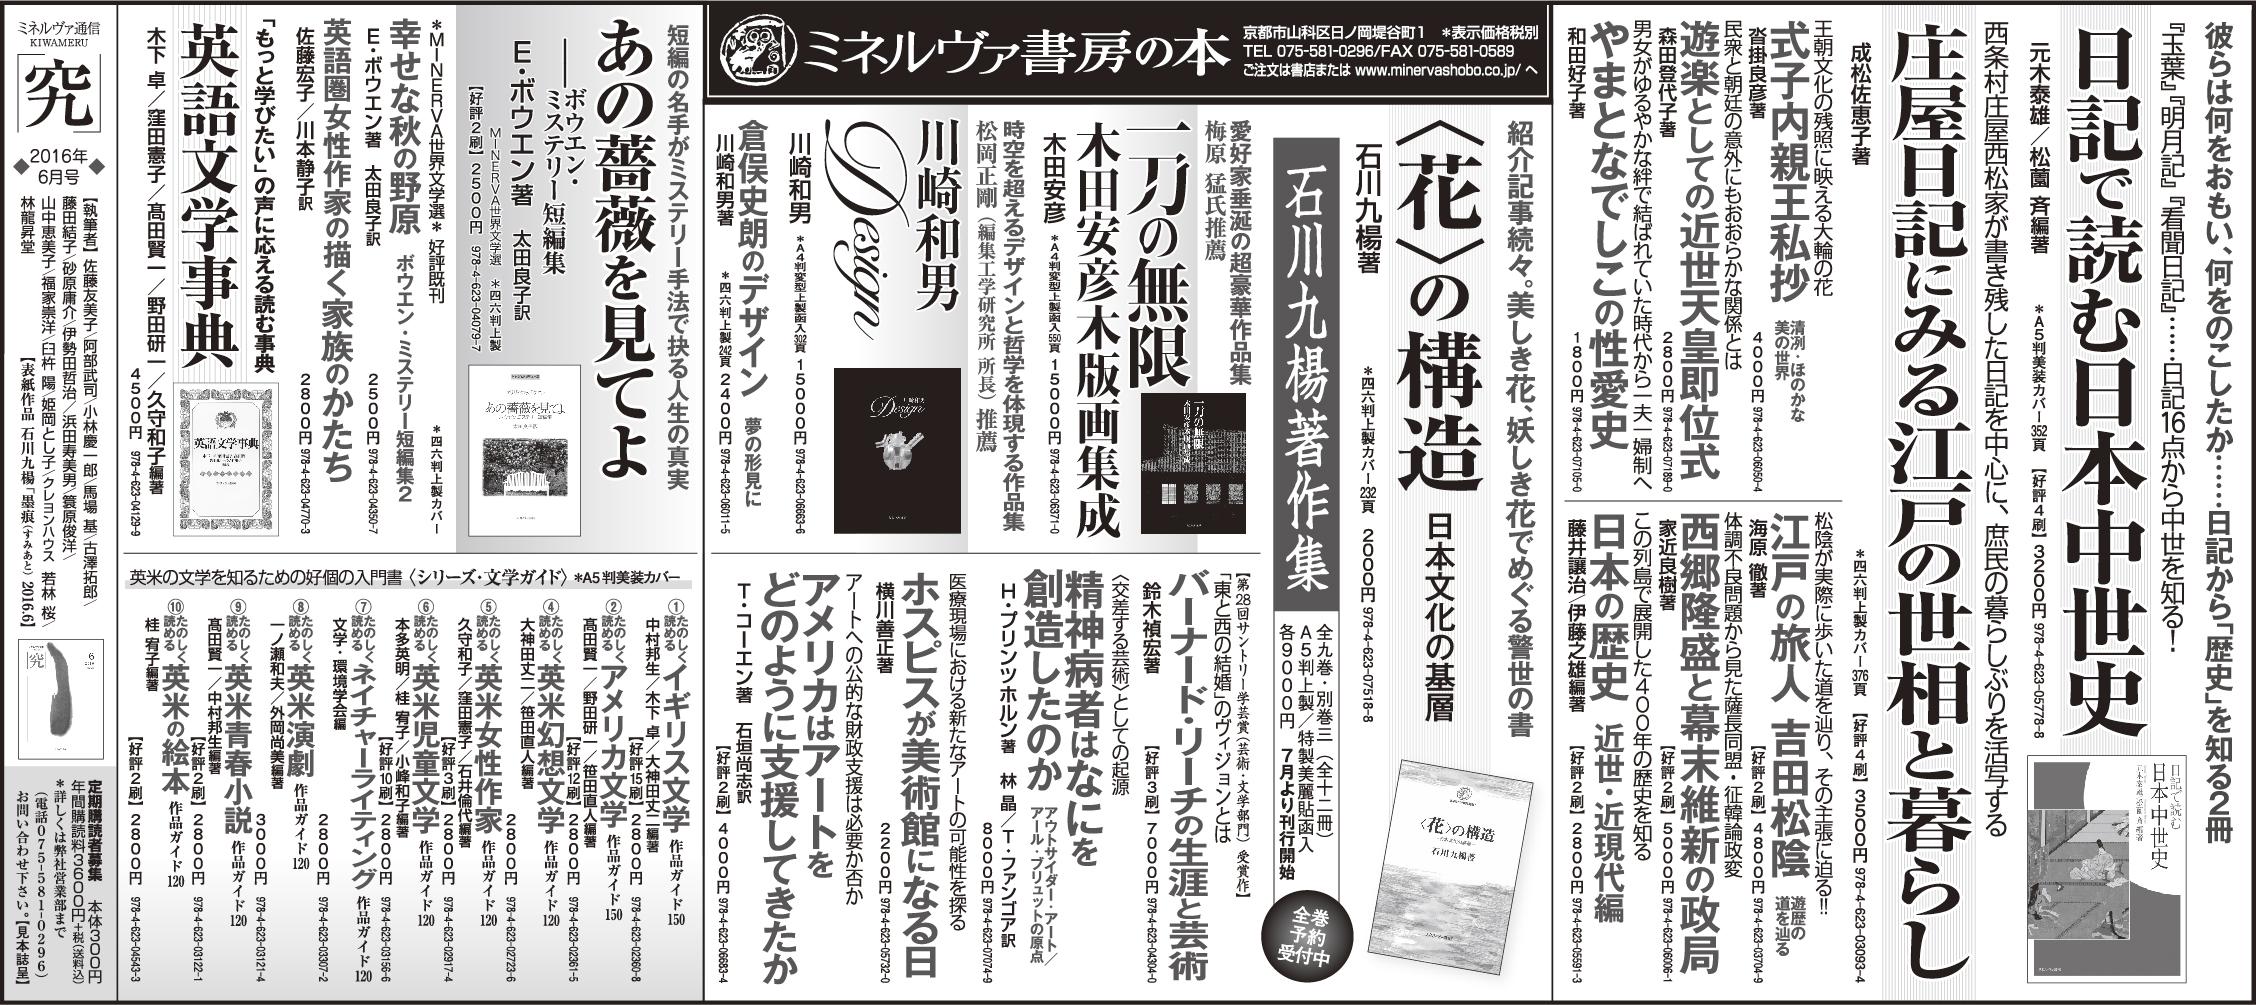 朝日新聞2016年6月12日(読書面)全5段広告